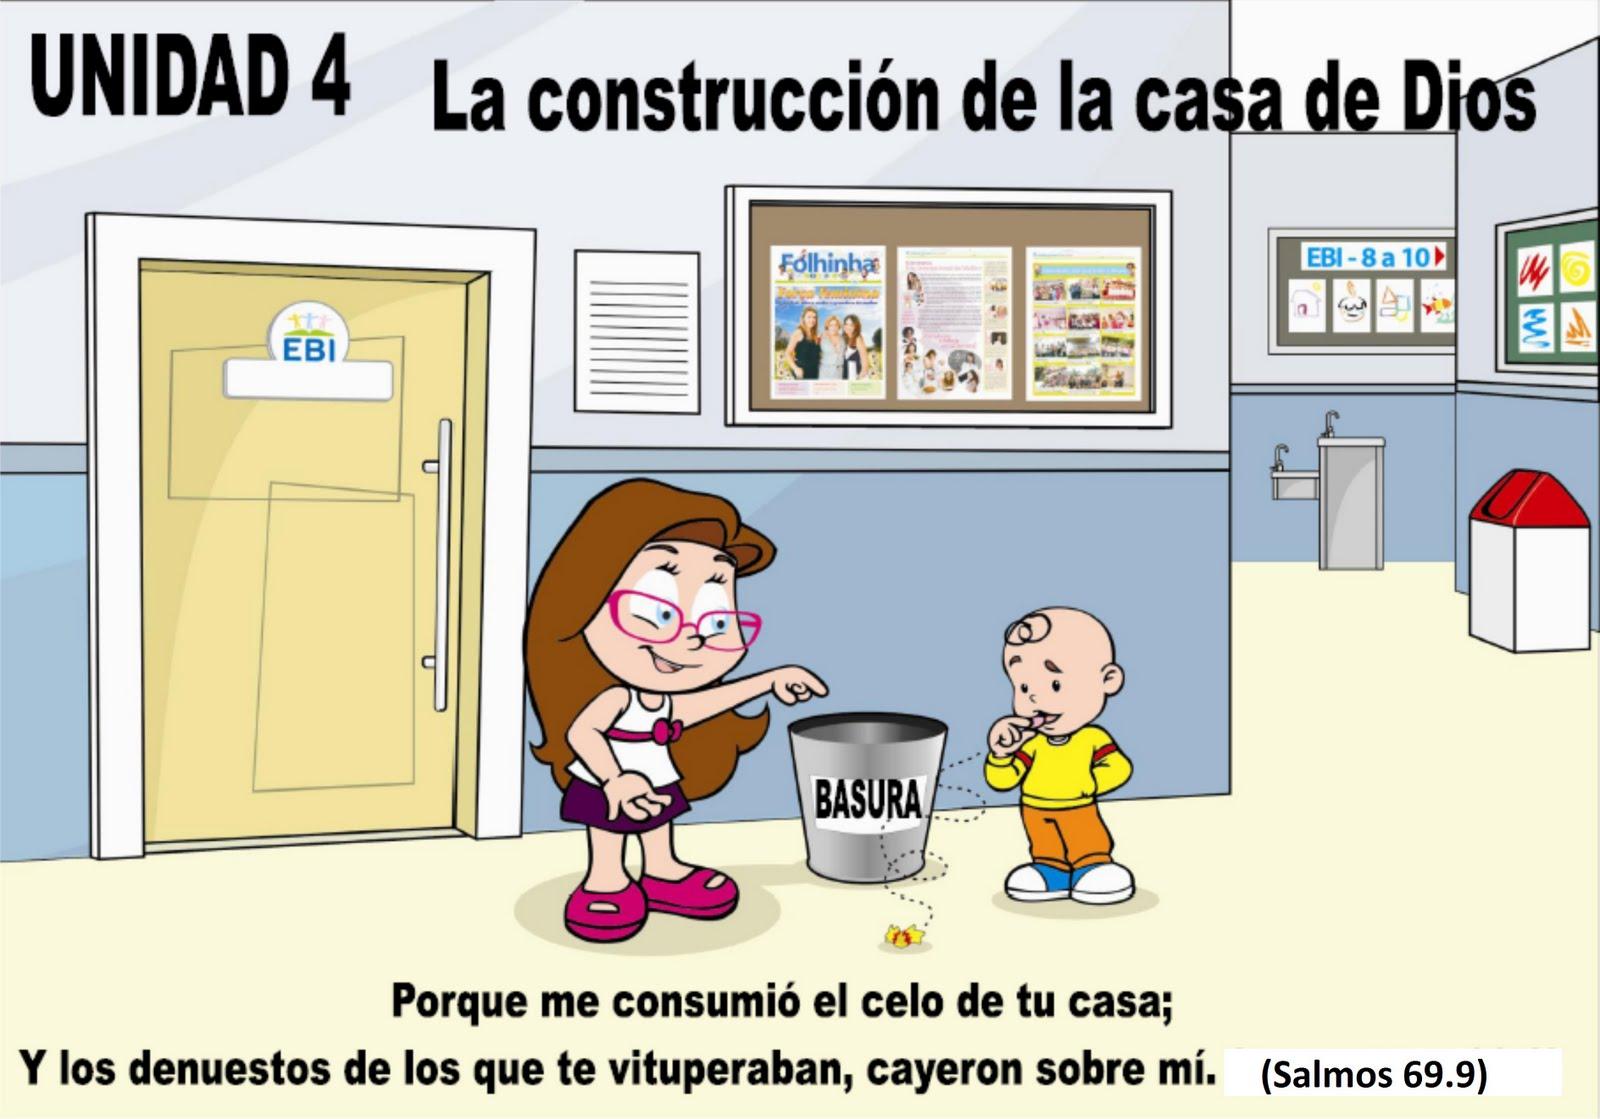 La construcción de la c asa de Dios. ~ EBI Mexico